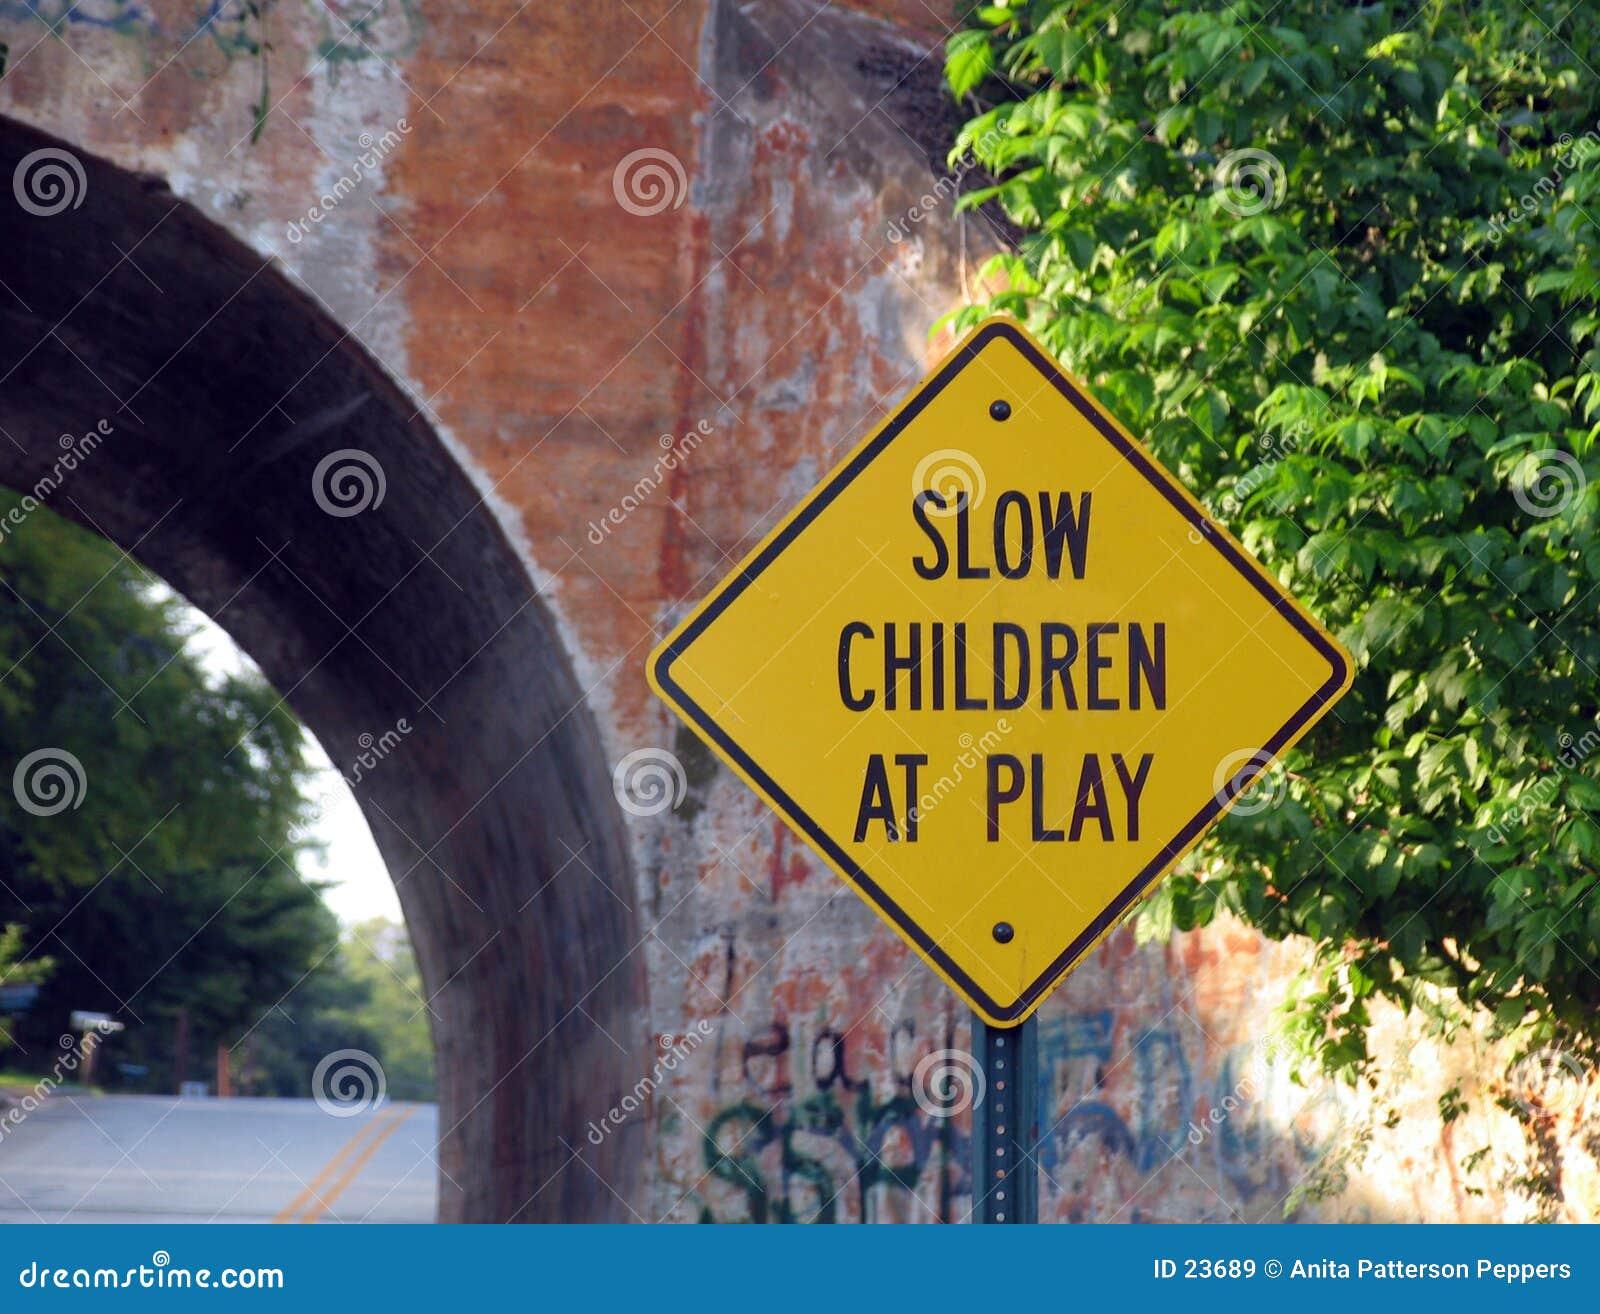 De kinderen bij Spel ondertekenen